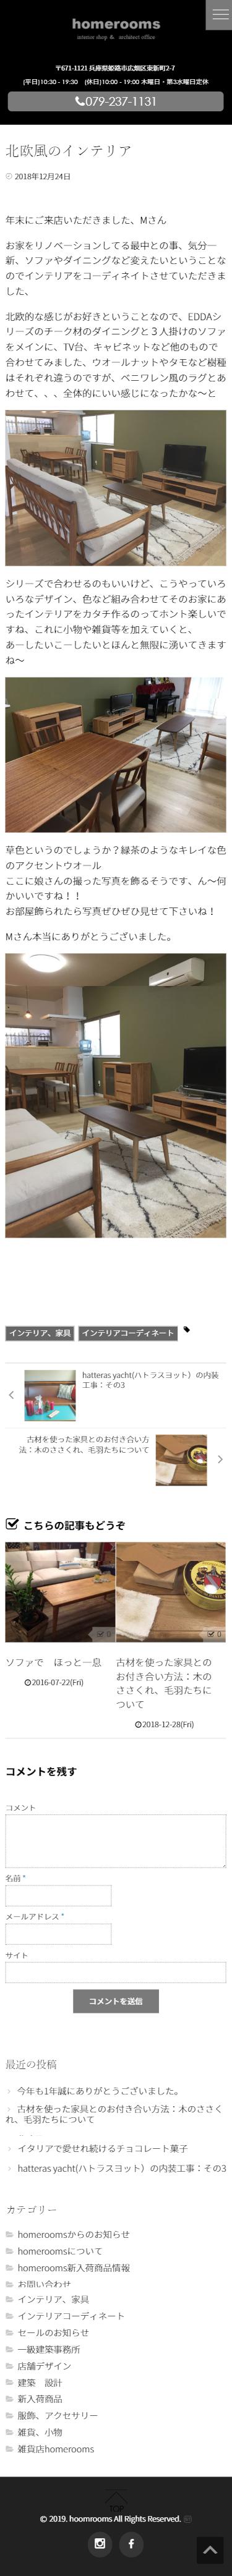 姫路 家具・雑貨屋 homerooms ホームページ制作4